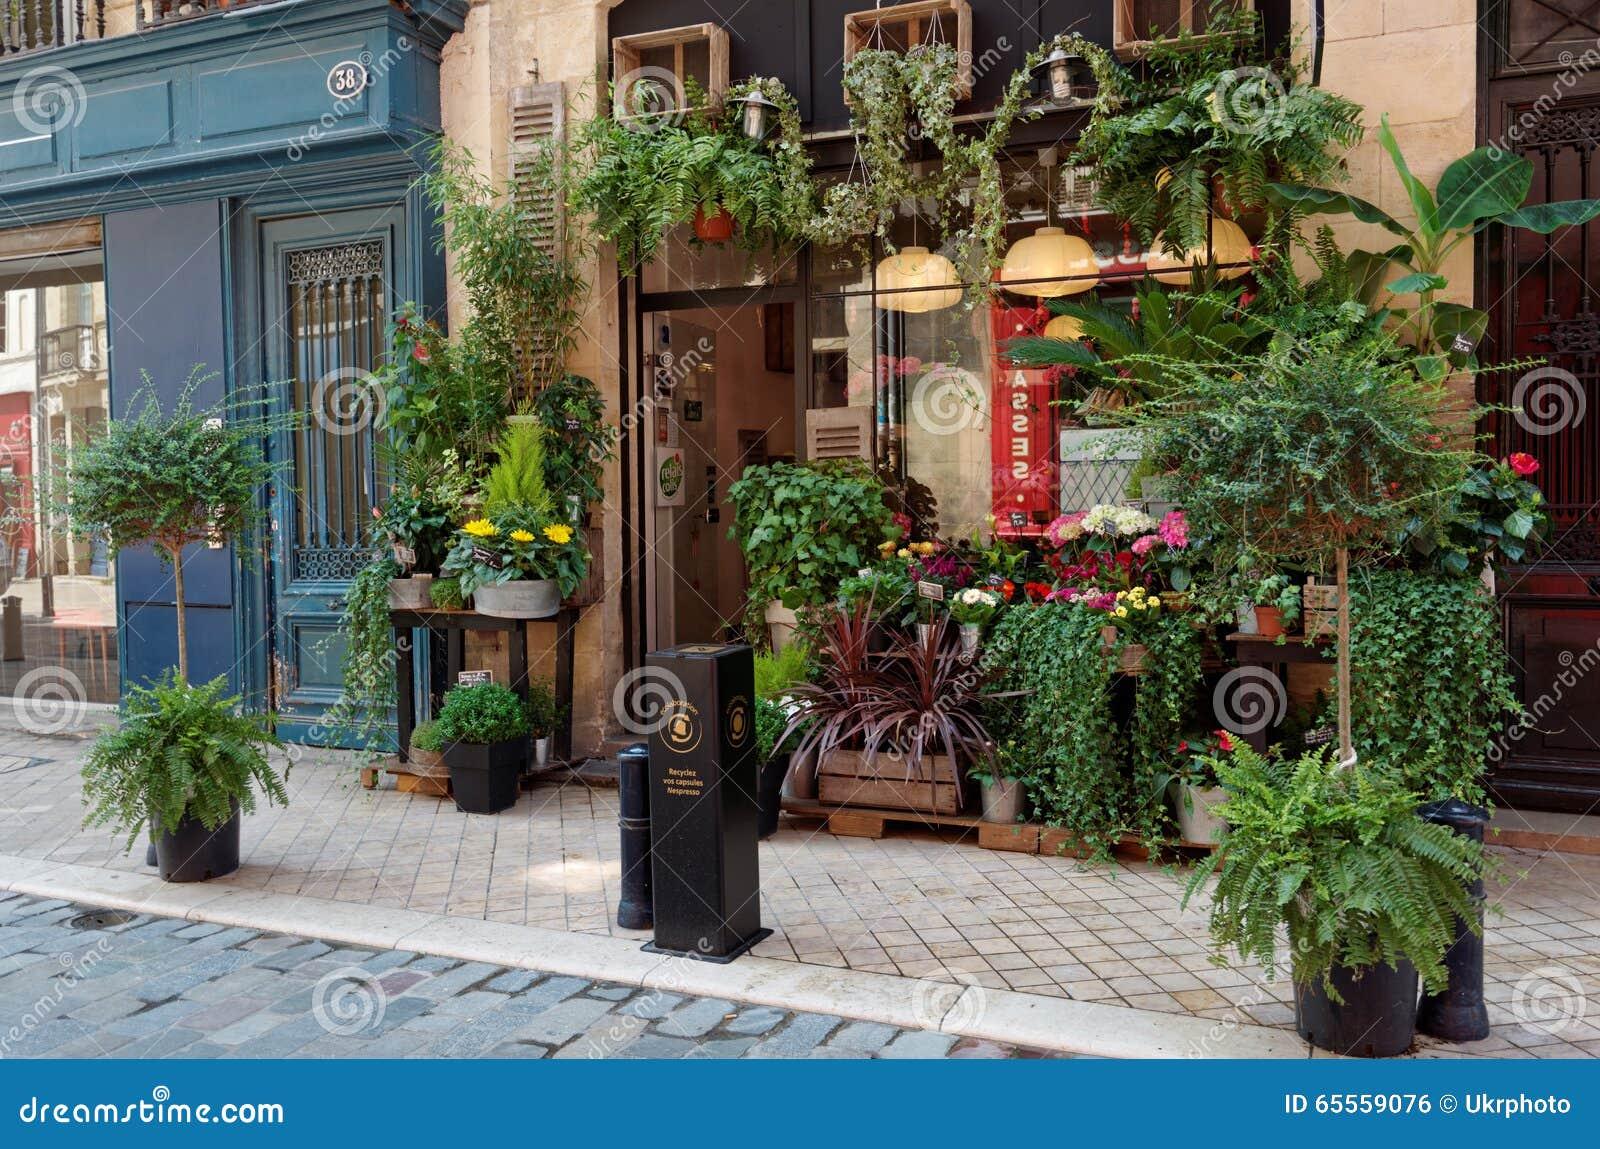 flower shop in bordeaux france editorial photo image. Black Bedroom Furniture Sets. Home Design Ideas